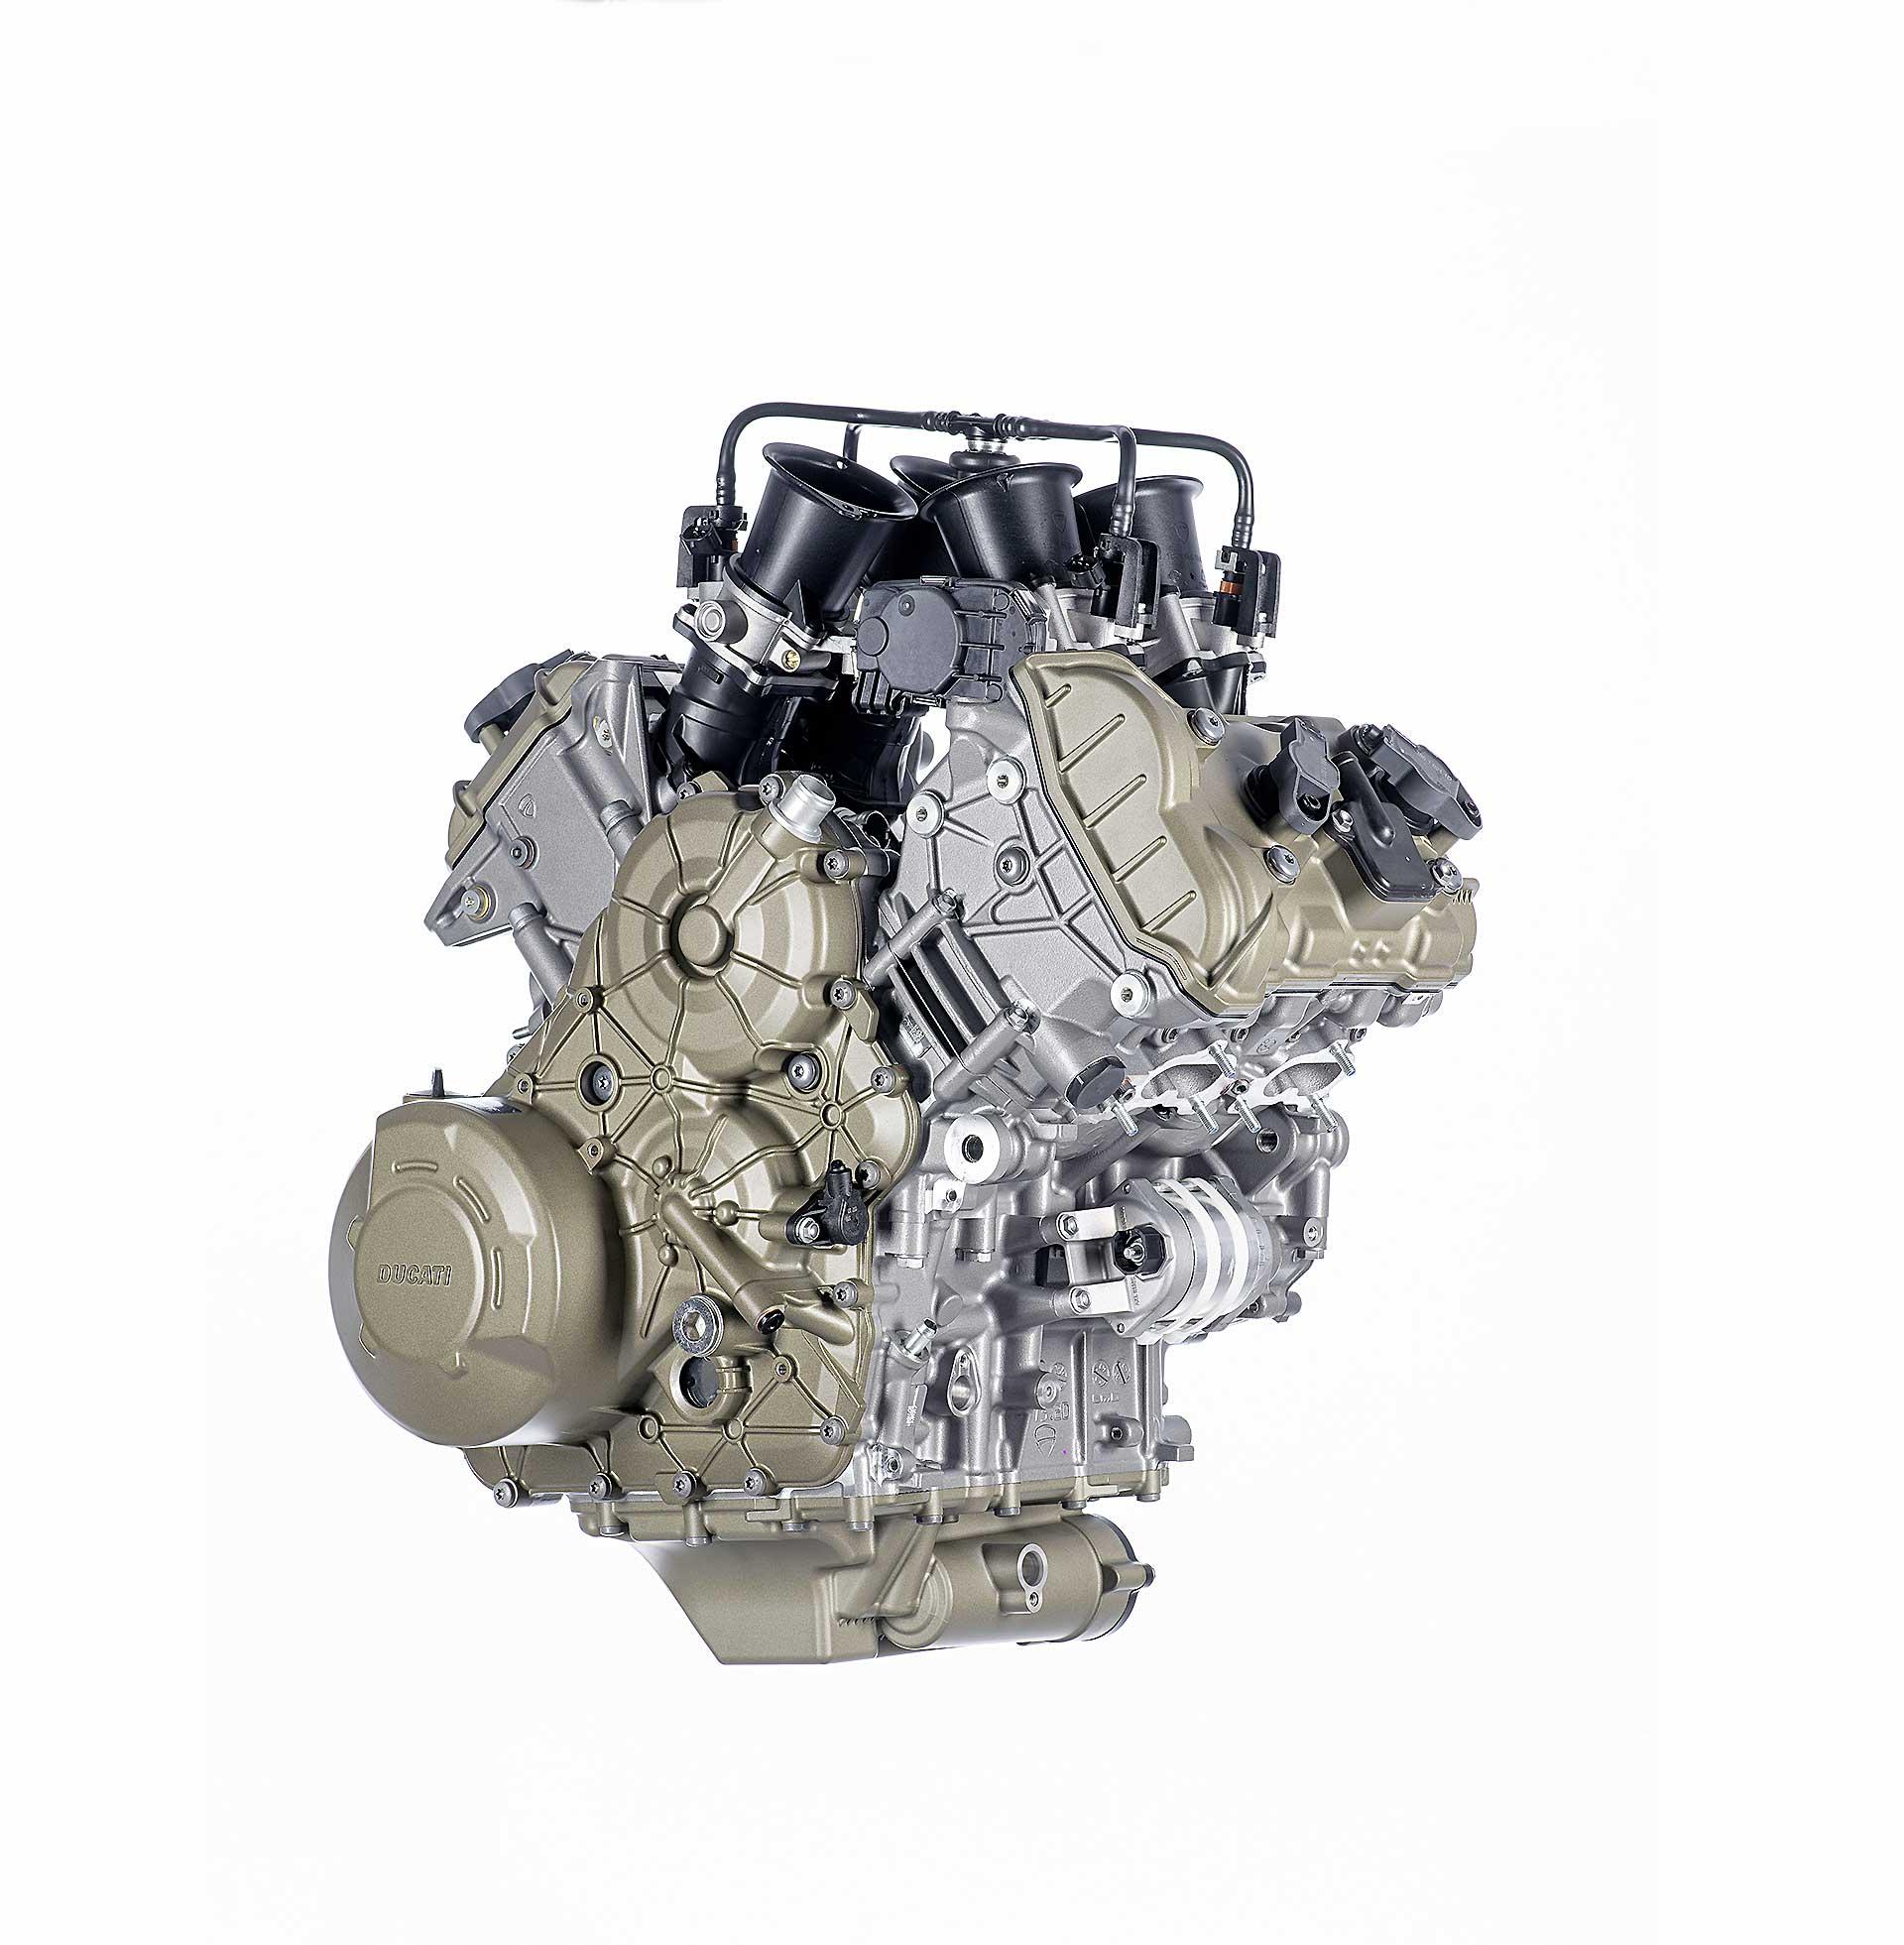 Ducati Motore Granturismo